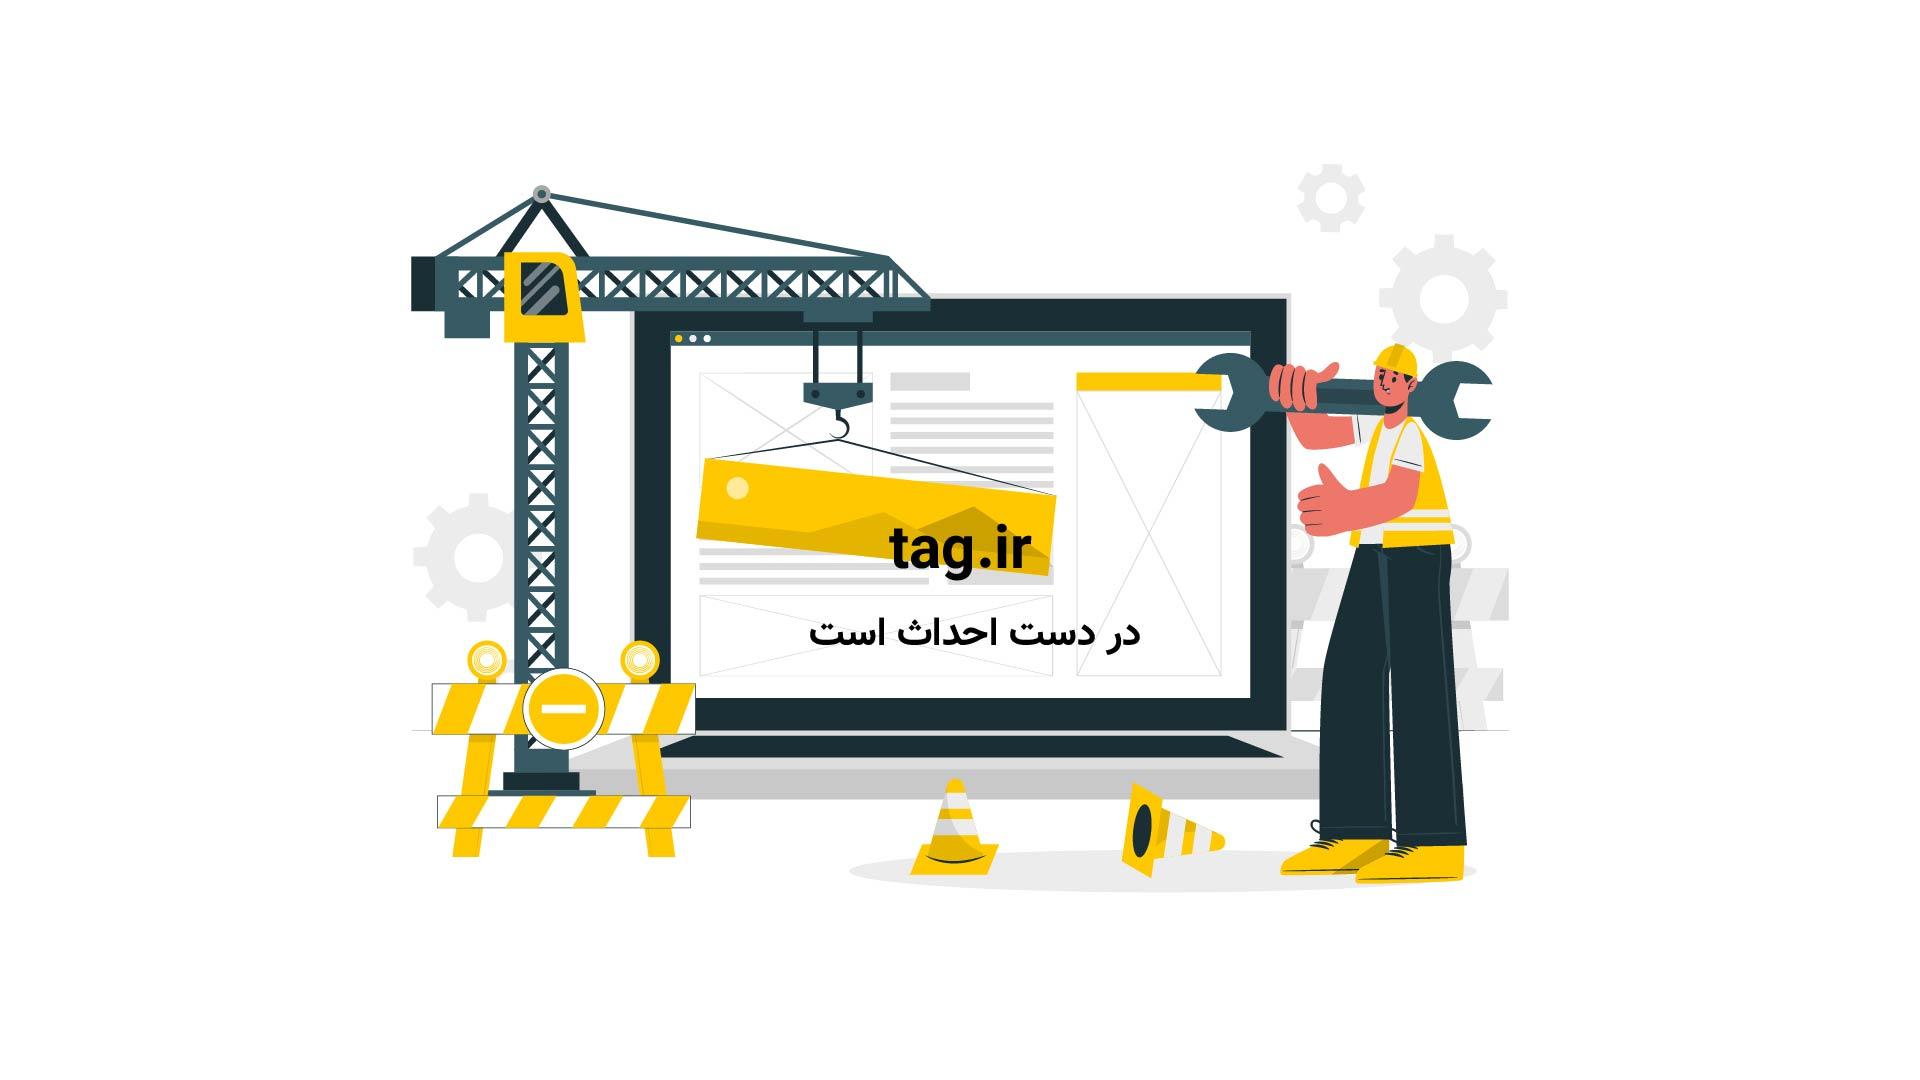 رئیس مجلس شورای اسلامی: همه پرسی کردستان عراق توطئه دست های خارجی است | فیلم